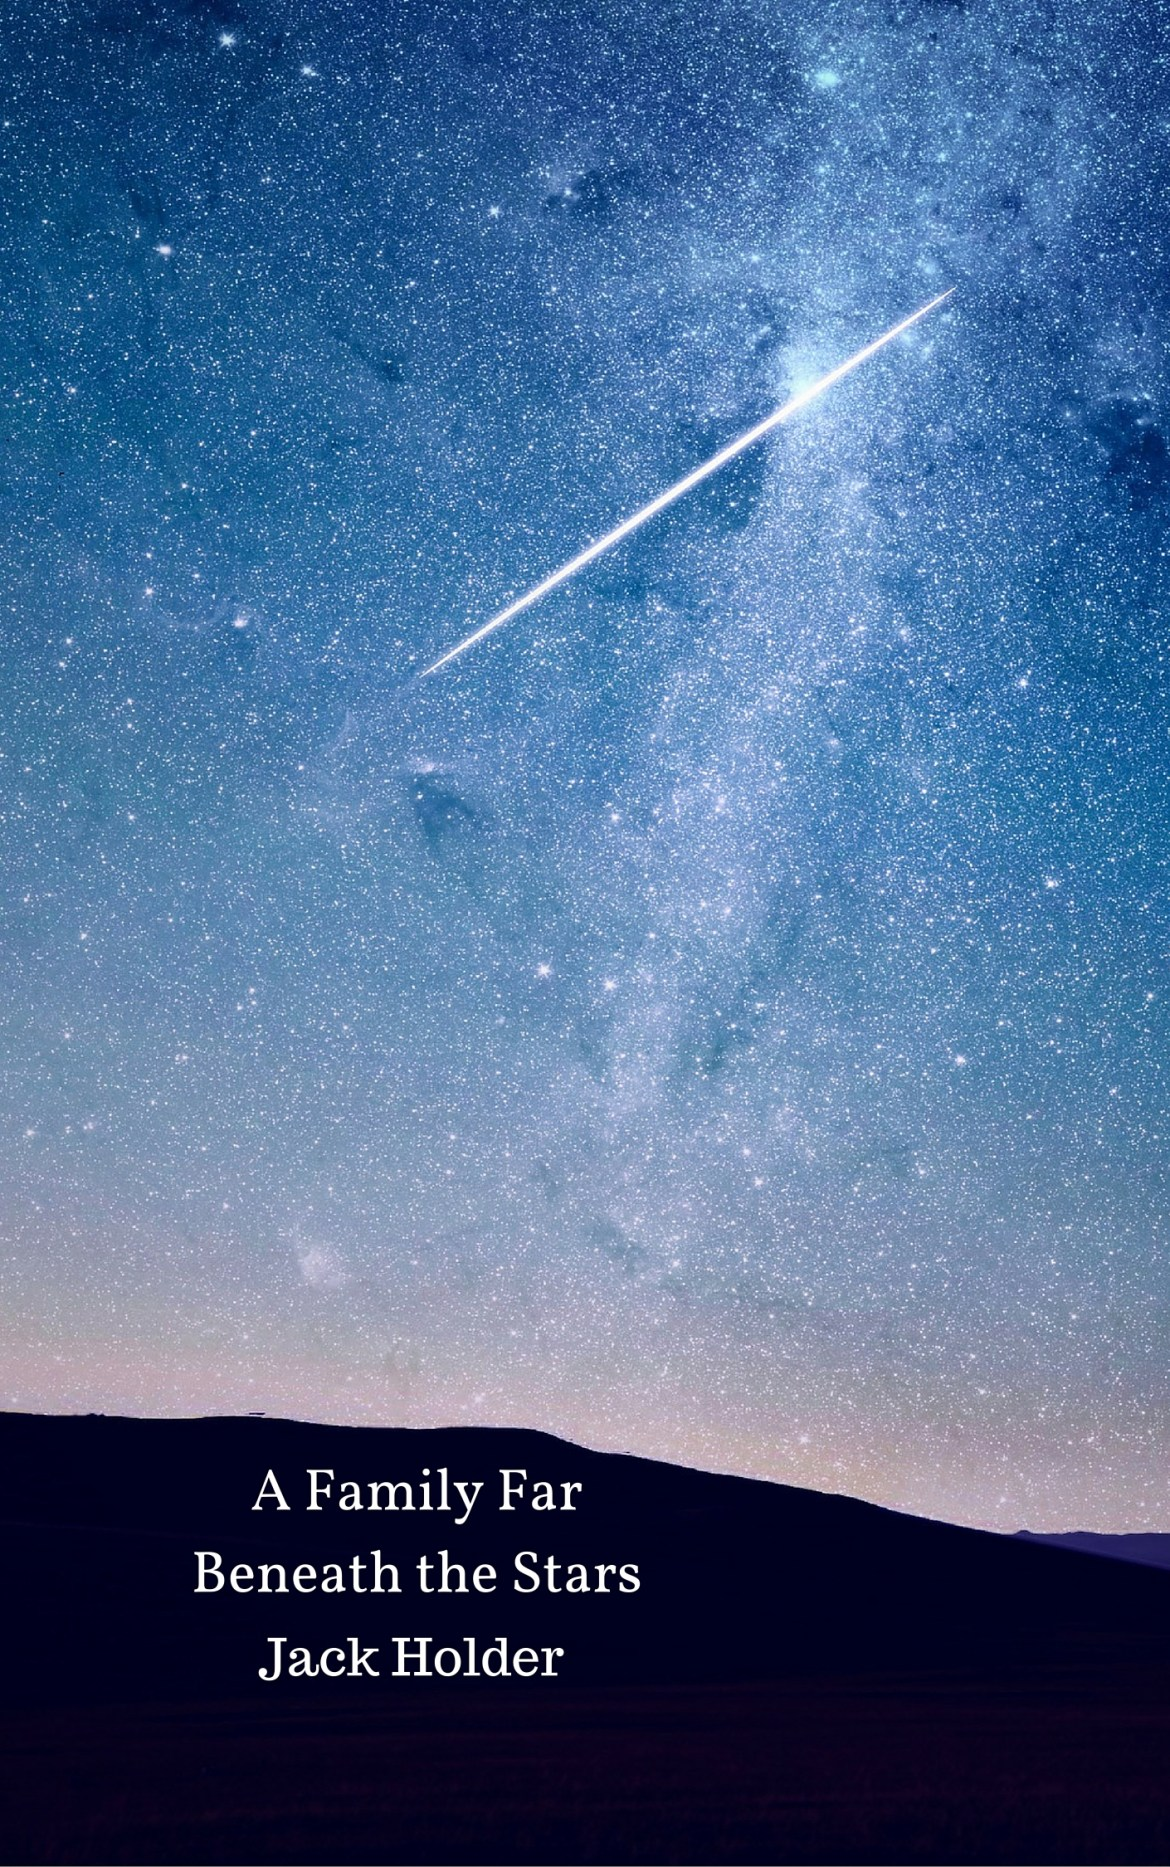 A Family Far Beneath the Stars (1)